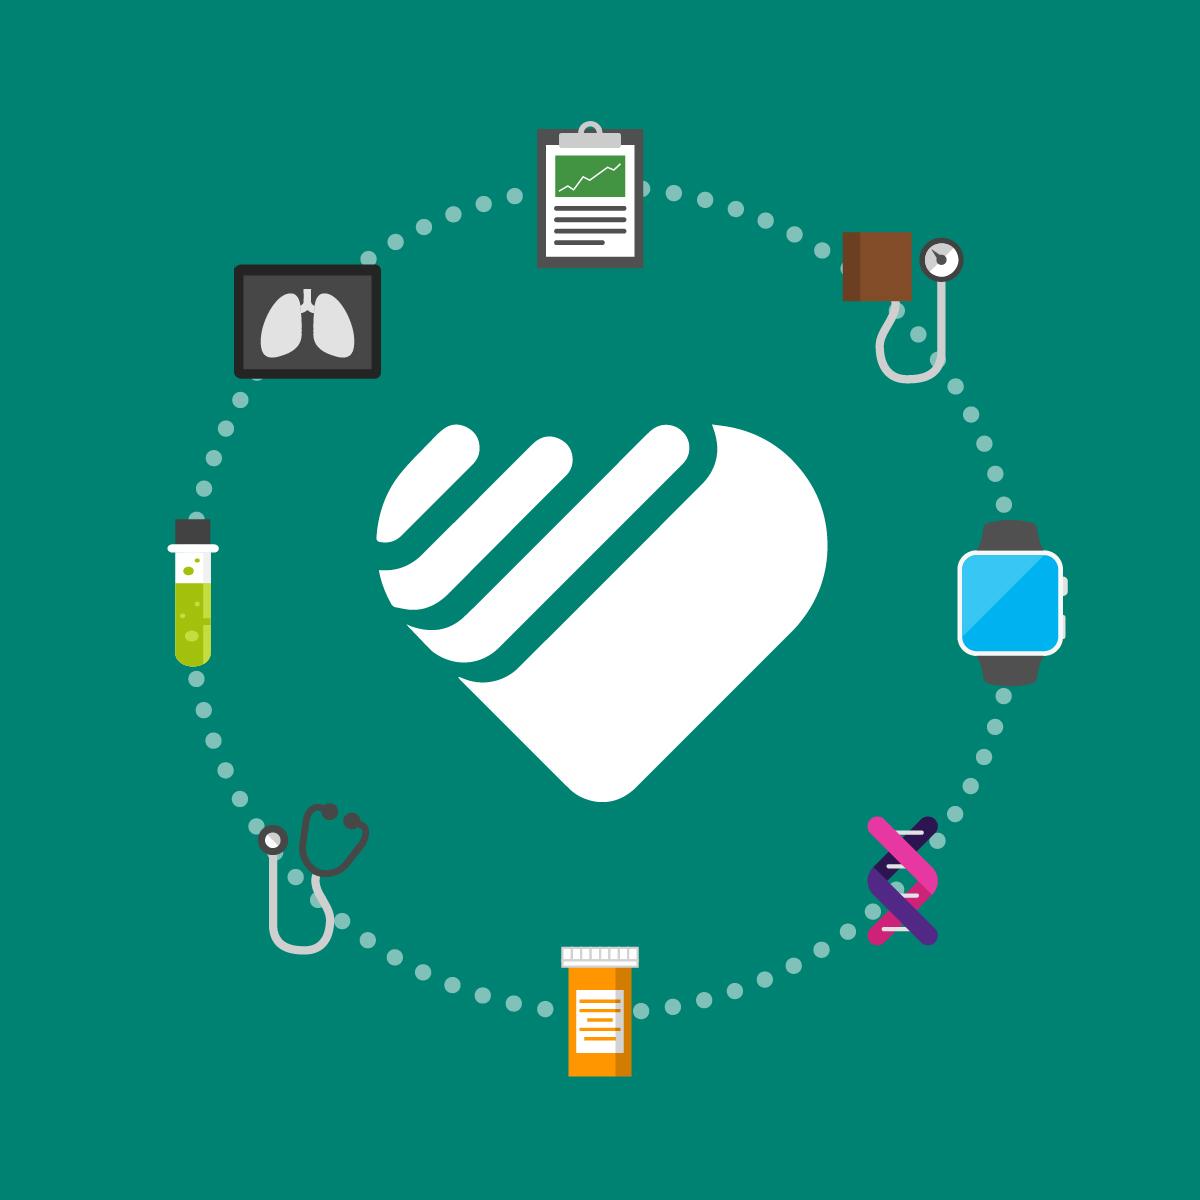 HealthVault help